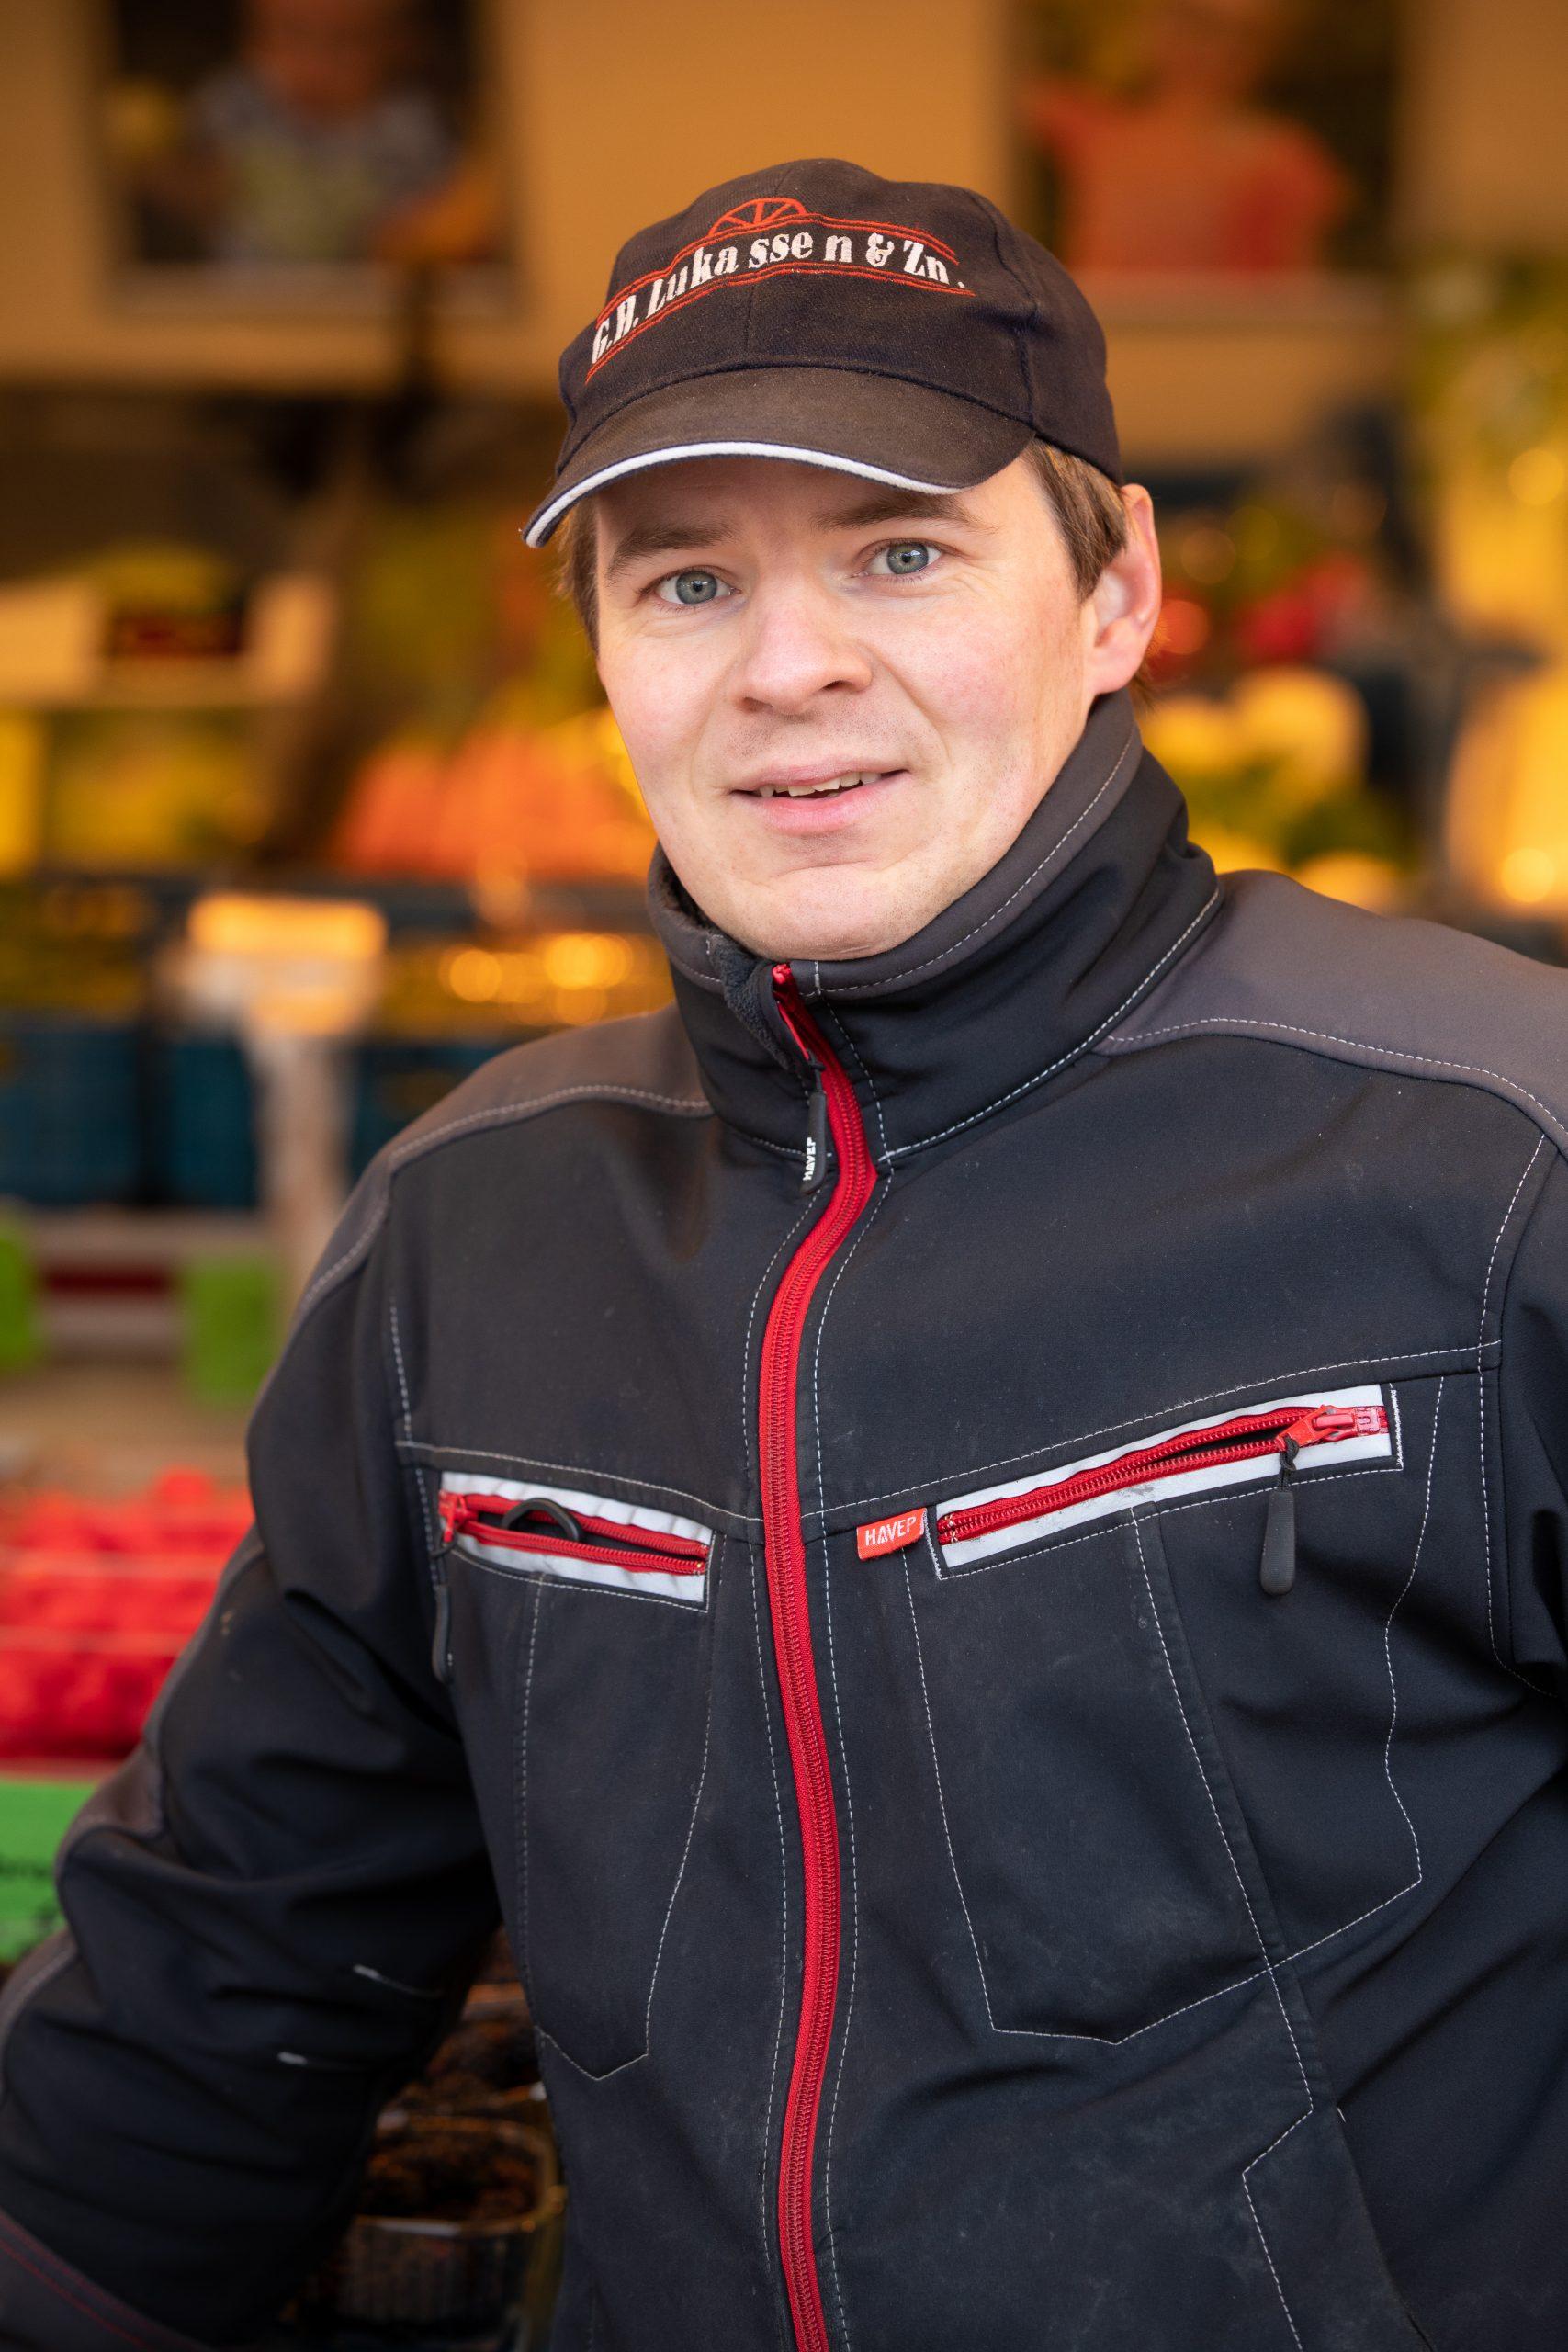 Erik | Marktwagen | Gijsbrecht Groente | Hilversum